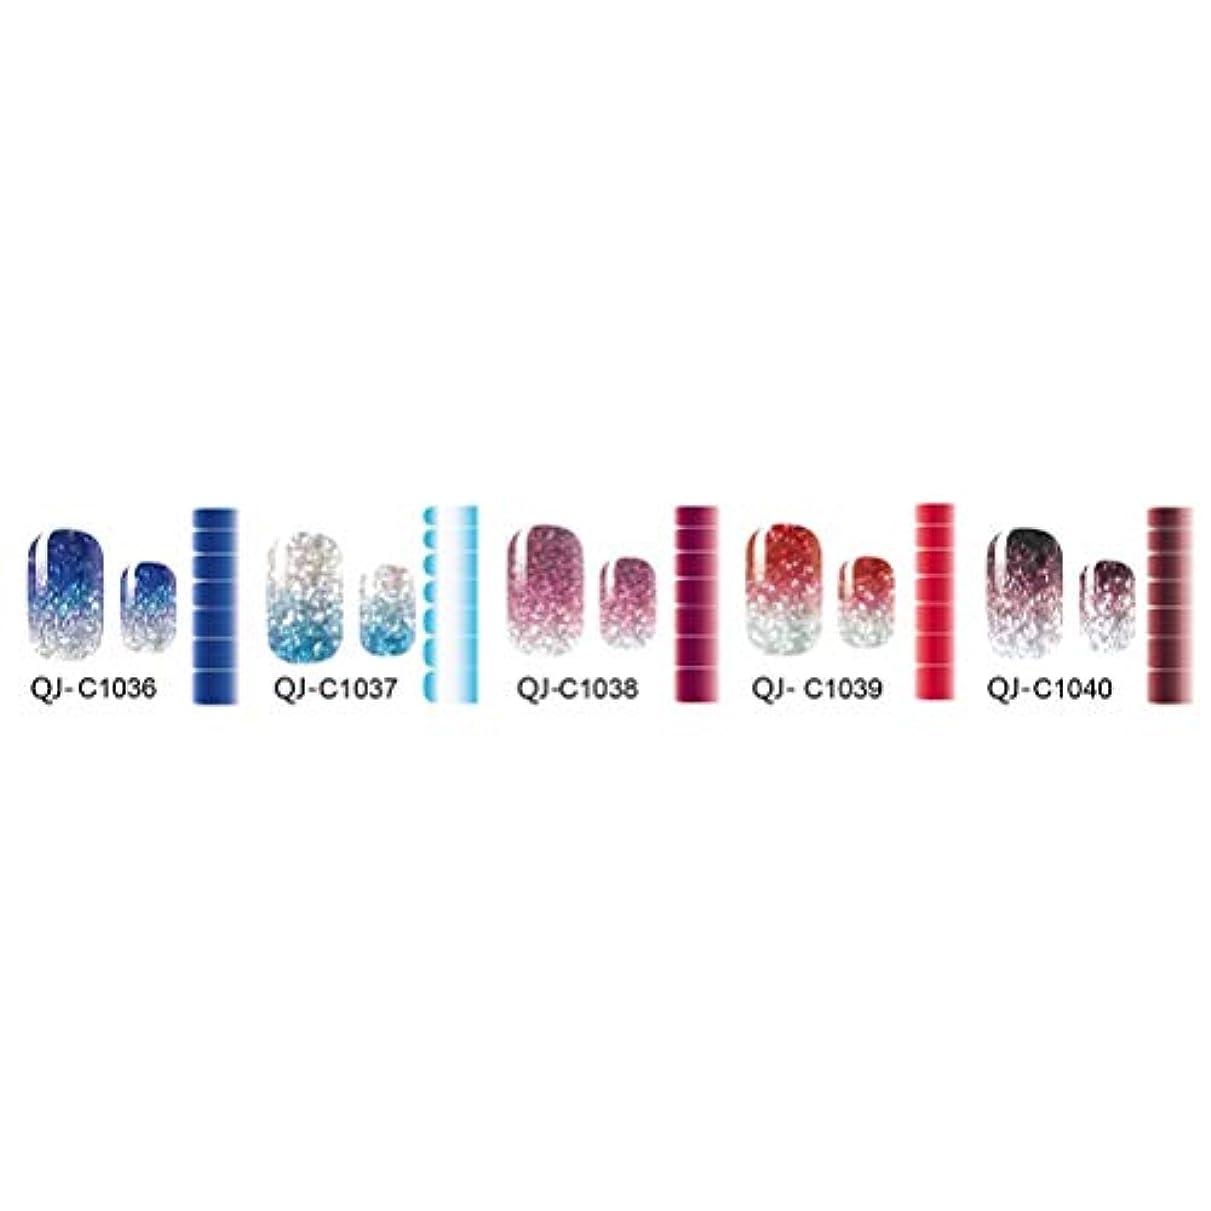 森リットル賢明なBeaupretty 5枚フルネイルアートポーランドステッカーシニーグリッターデザインネイルポリッシュラップストリップ用女性女の子